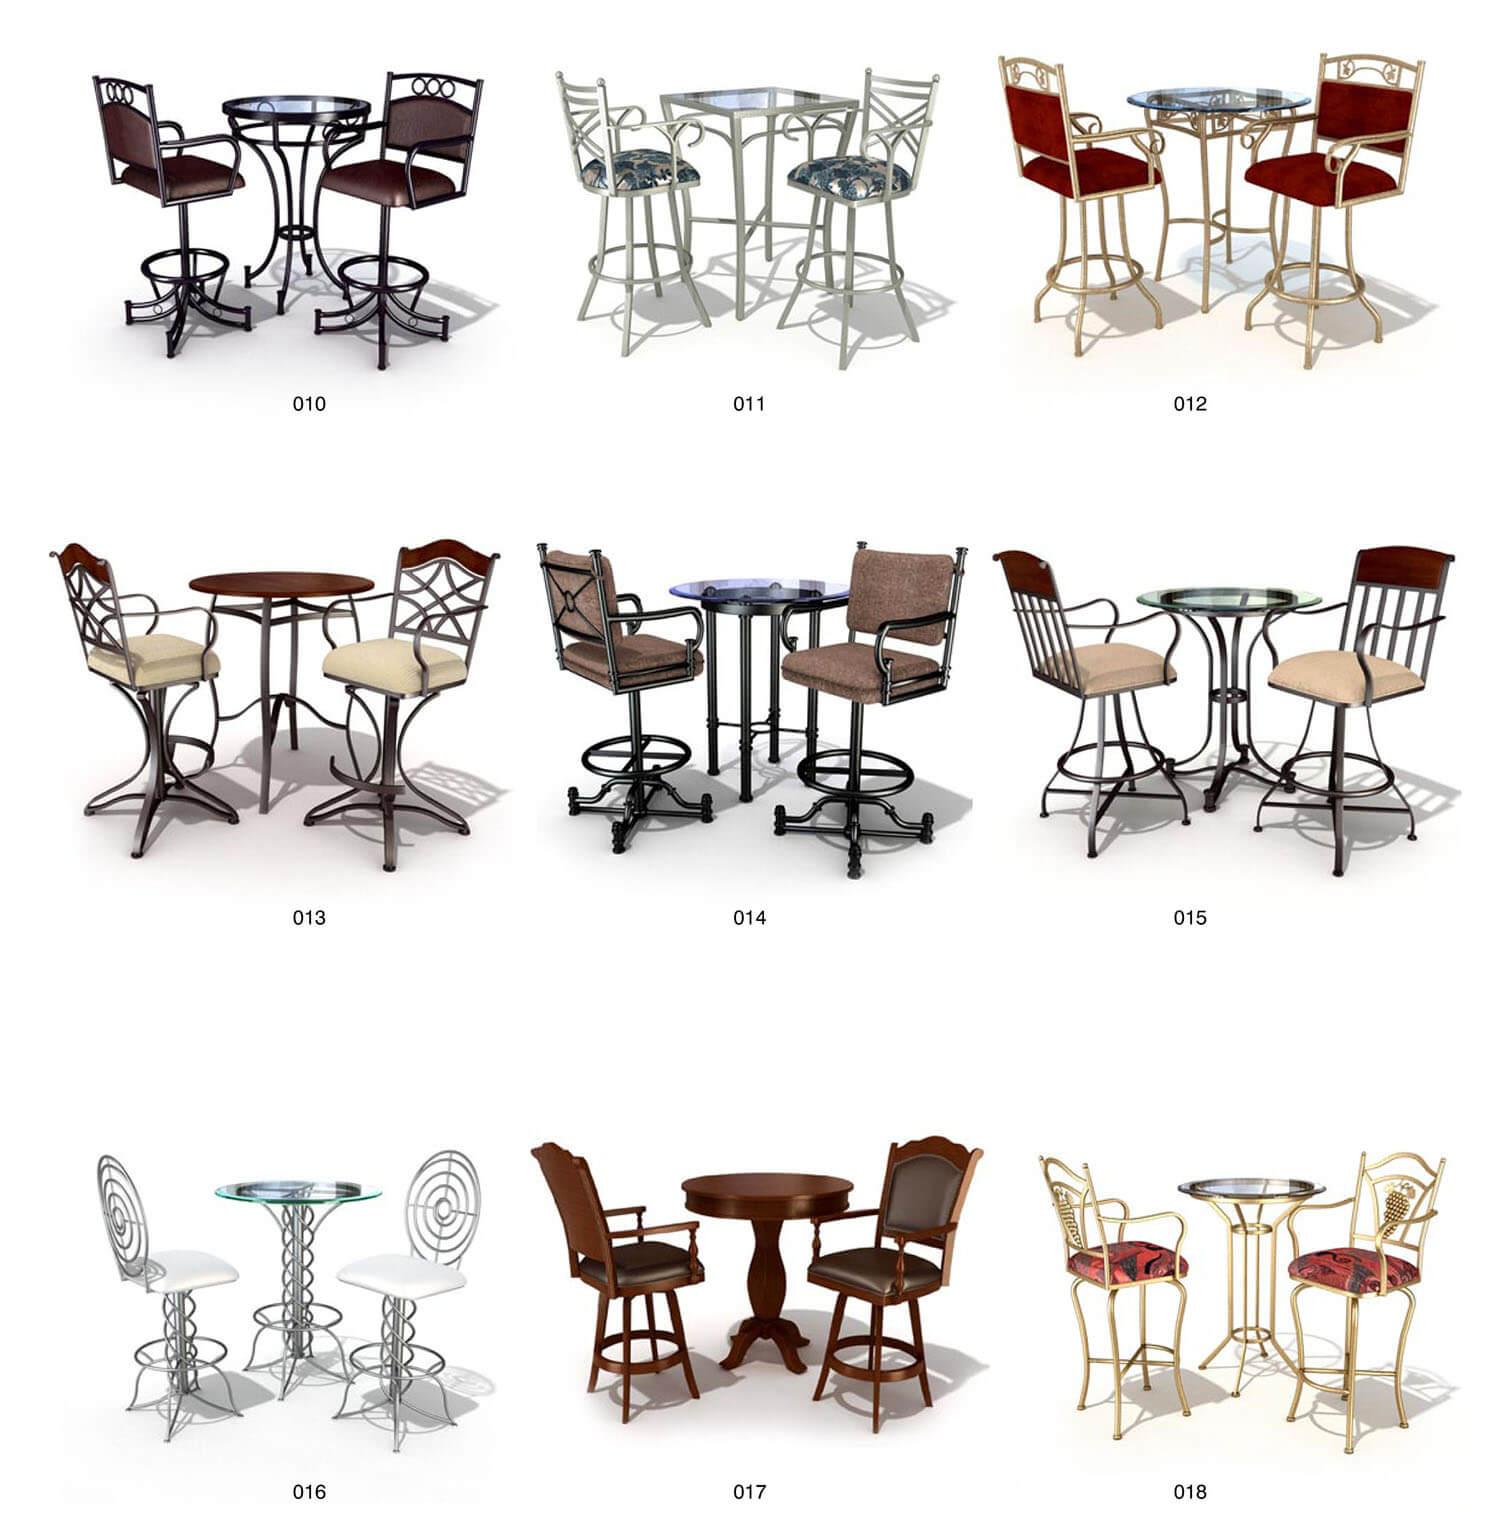 Các bộ bàn ghế cafe chất liệu sắt nghệ thuật, với chân ghế cao